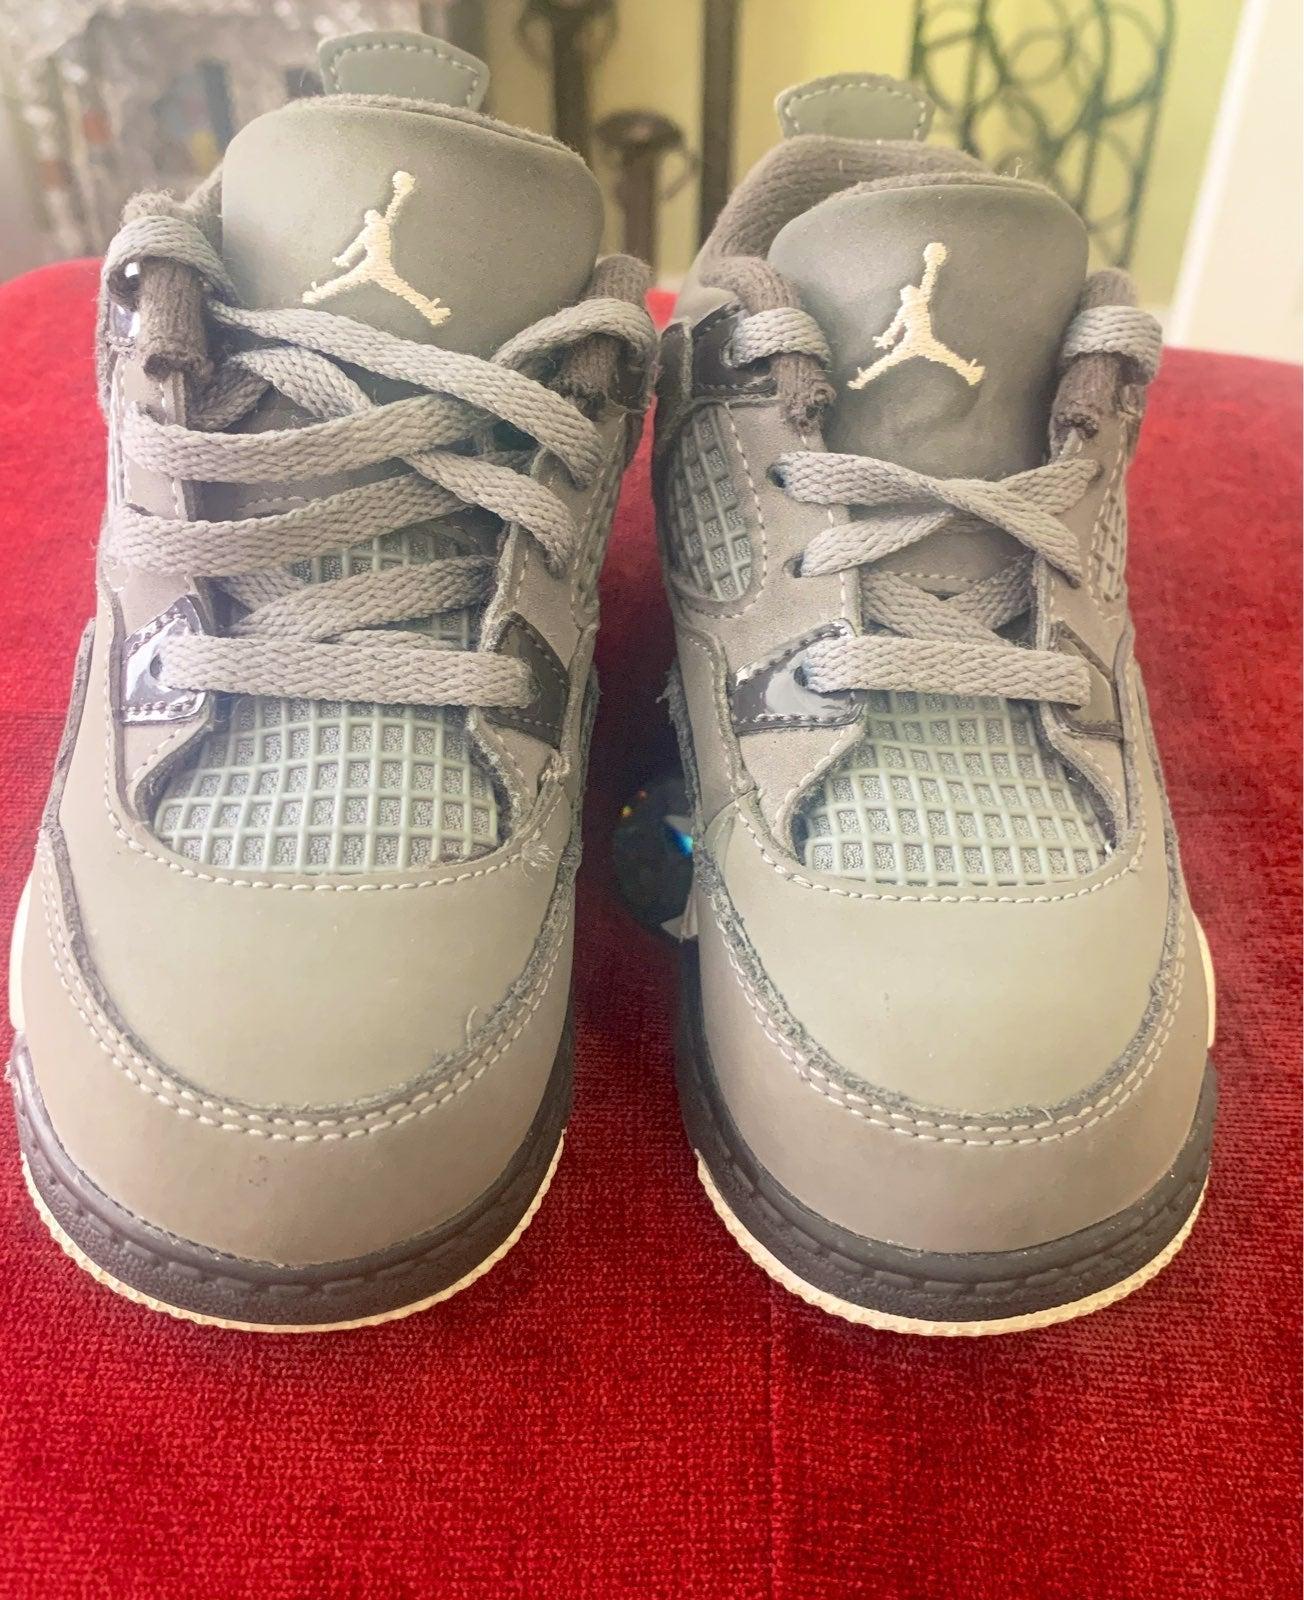 Air Jordan 4 Cool Gray size 8c